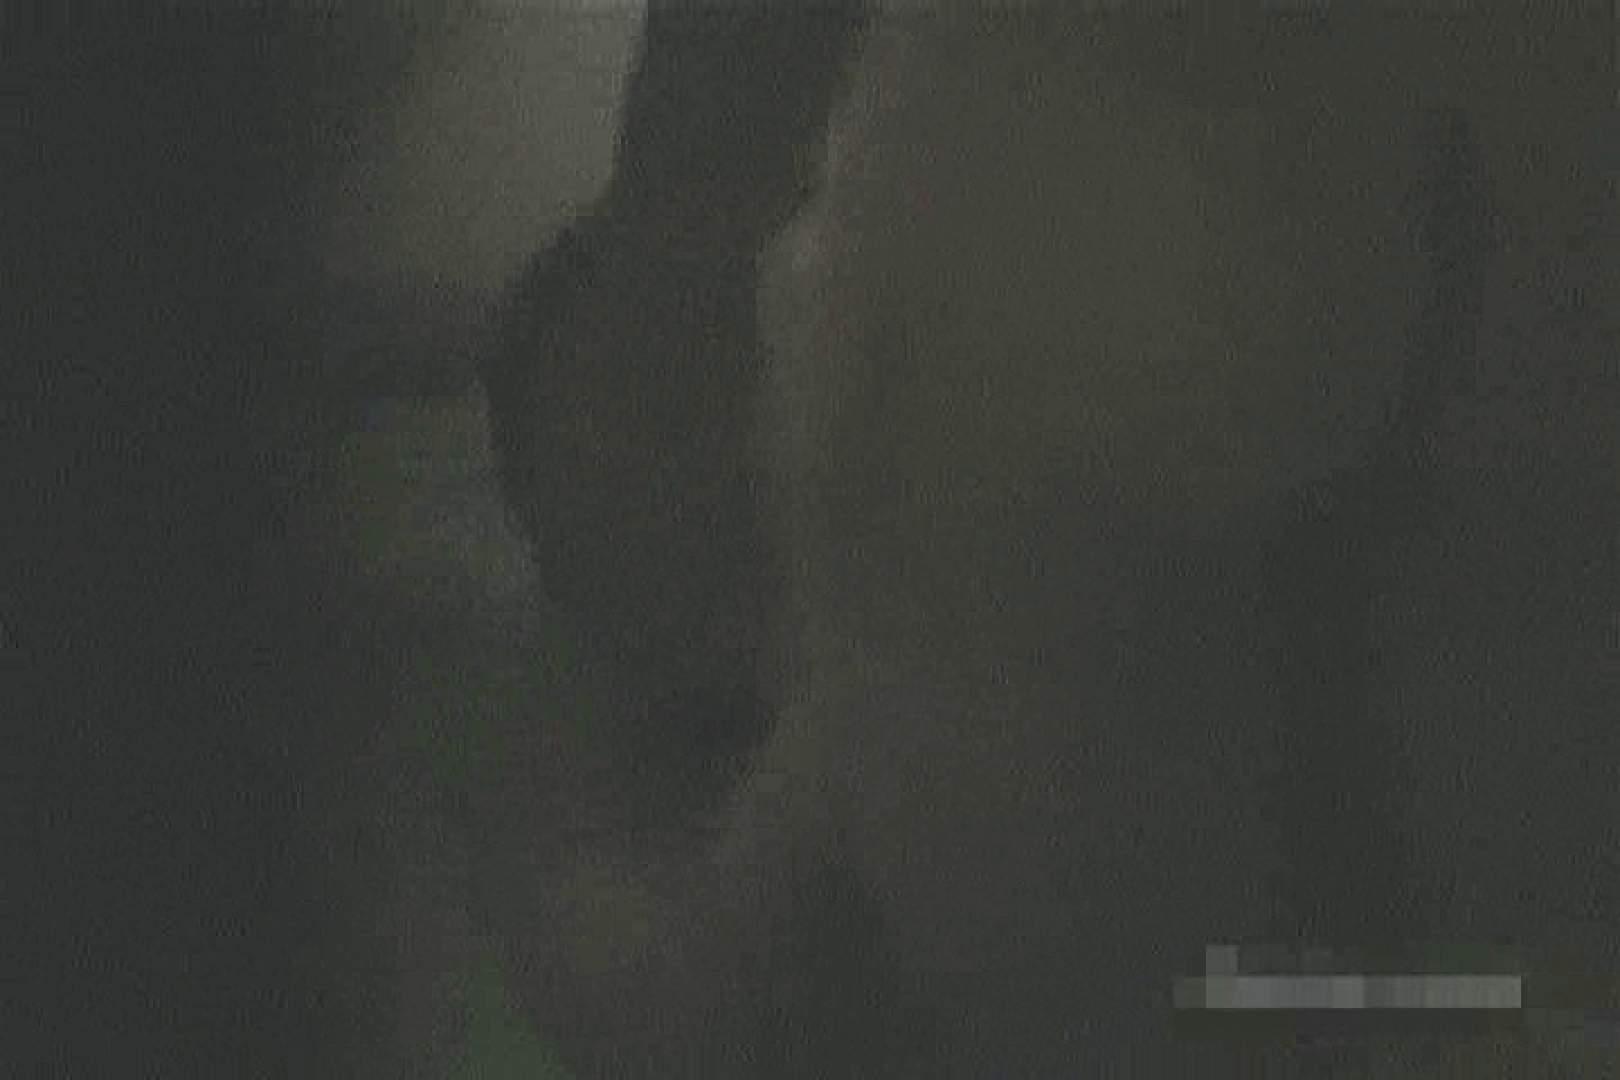 全裸で発情!!家族風呂の実態Vol.2 美女OL  107連発 56